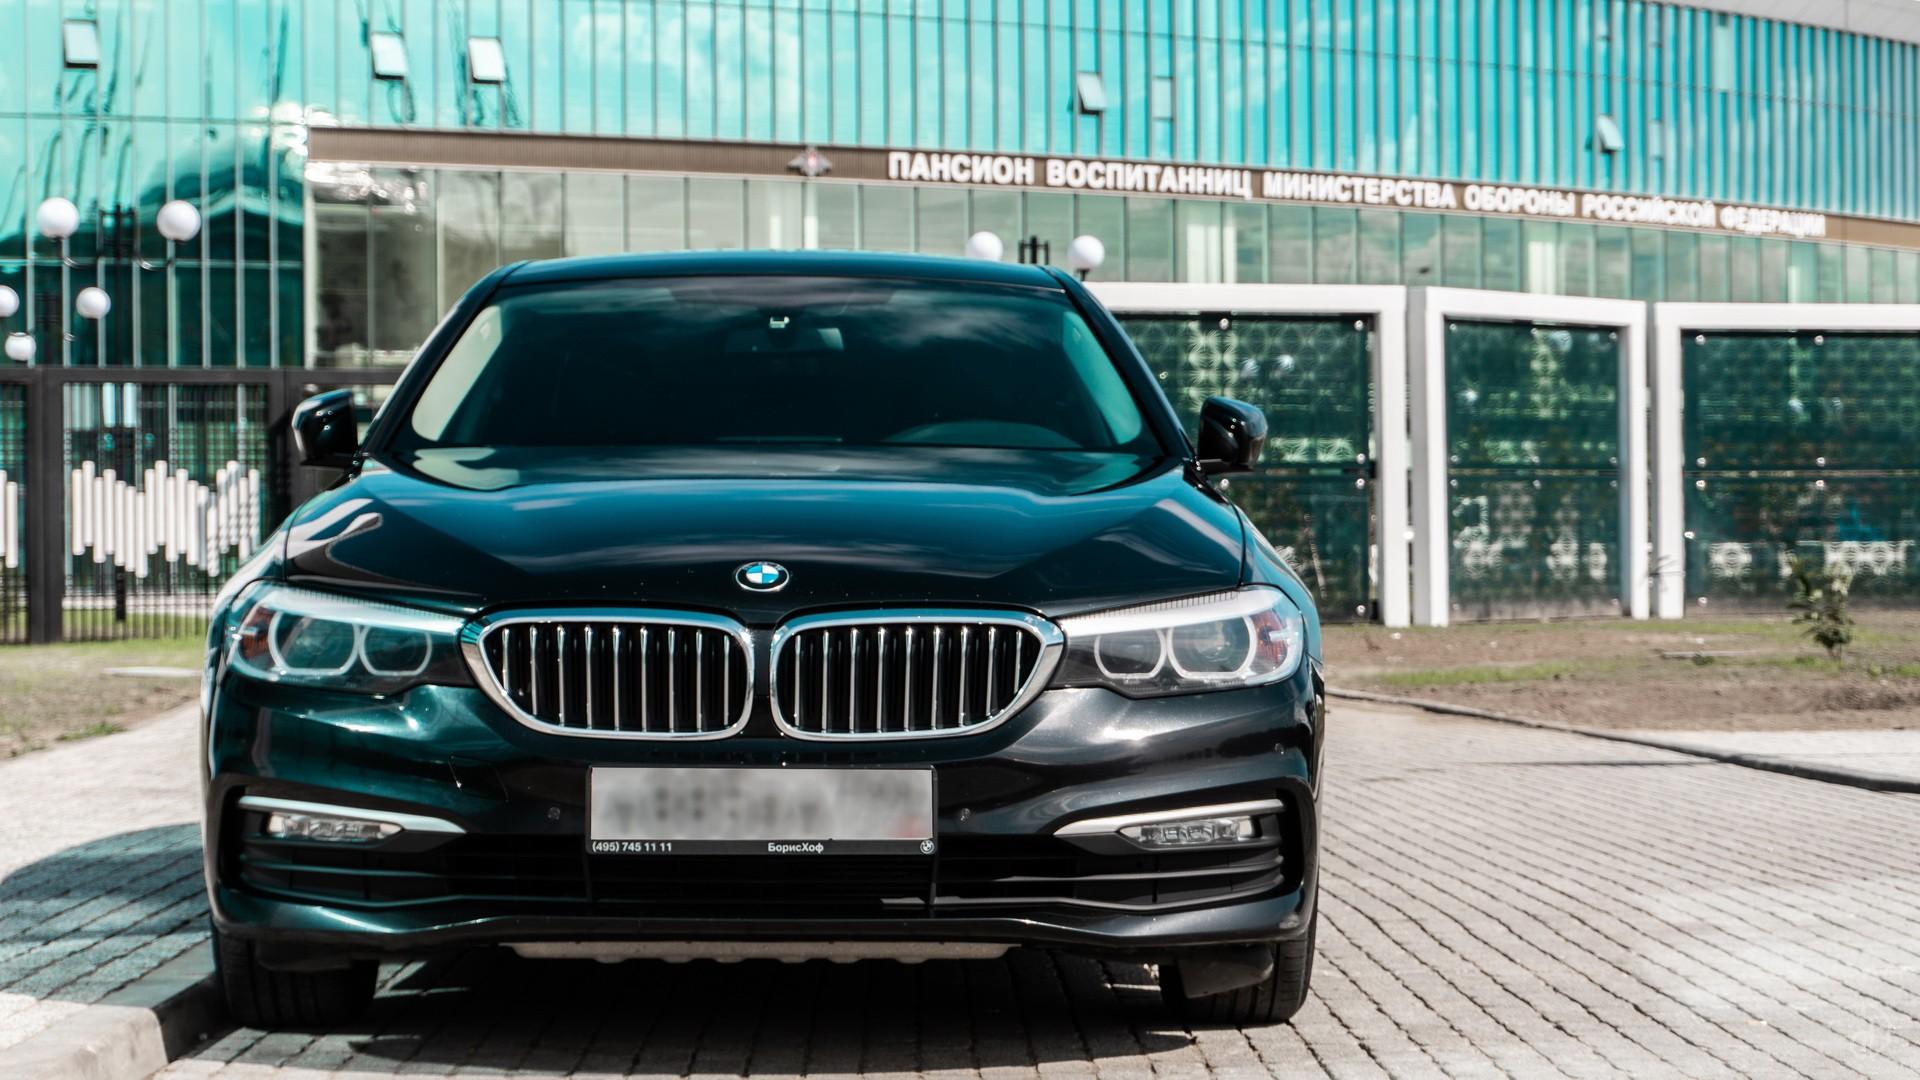 Аренда BMW 520d G30 в Москве. Фото 1